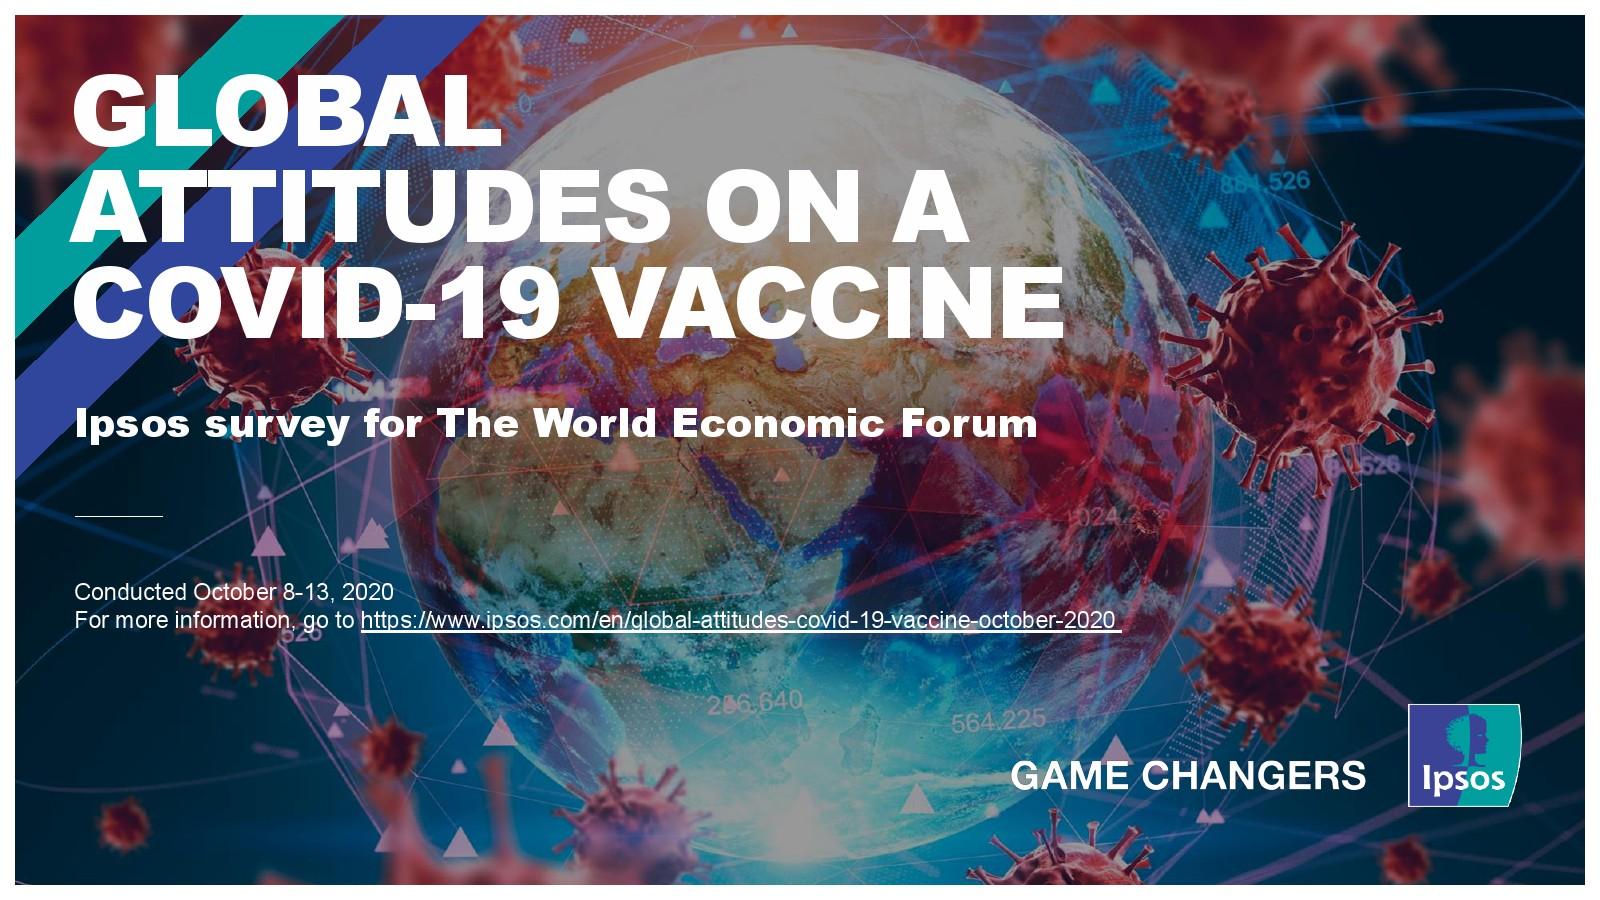 益普索:全球对COVID-19疫苗的态度调查